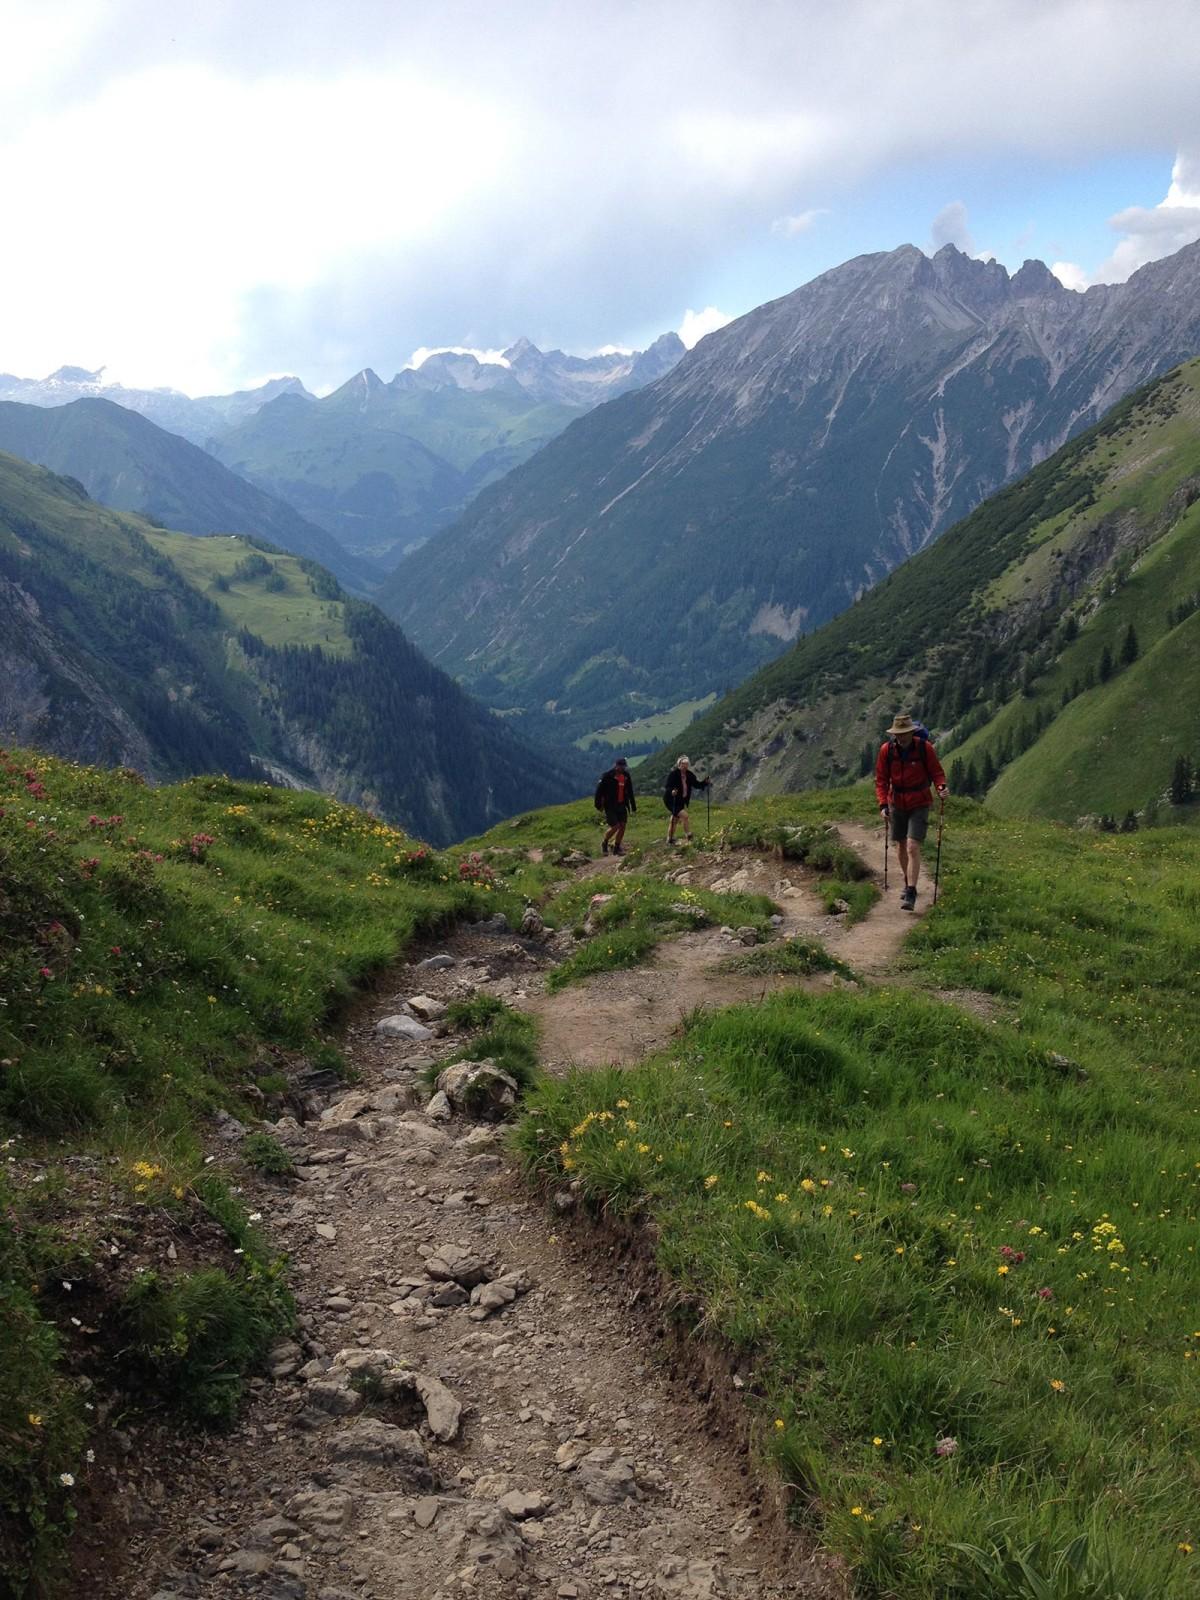 Schon knapp 1.100 Höhenmeter über Bach, aber noch rund 300 Höhenmeter bis zur Hütte